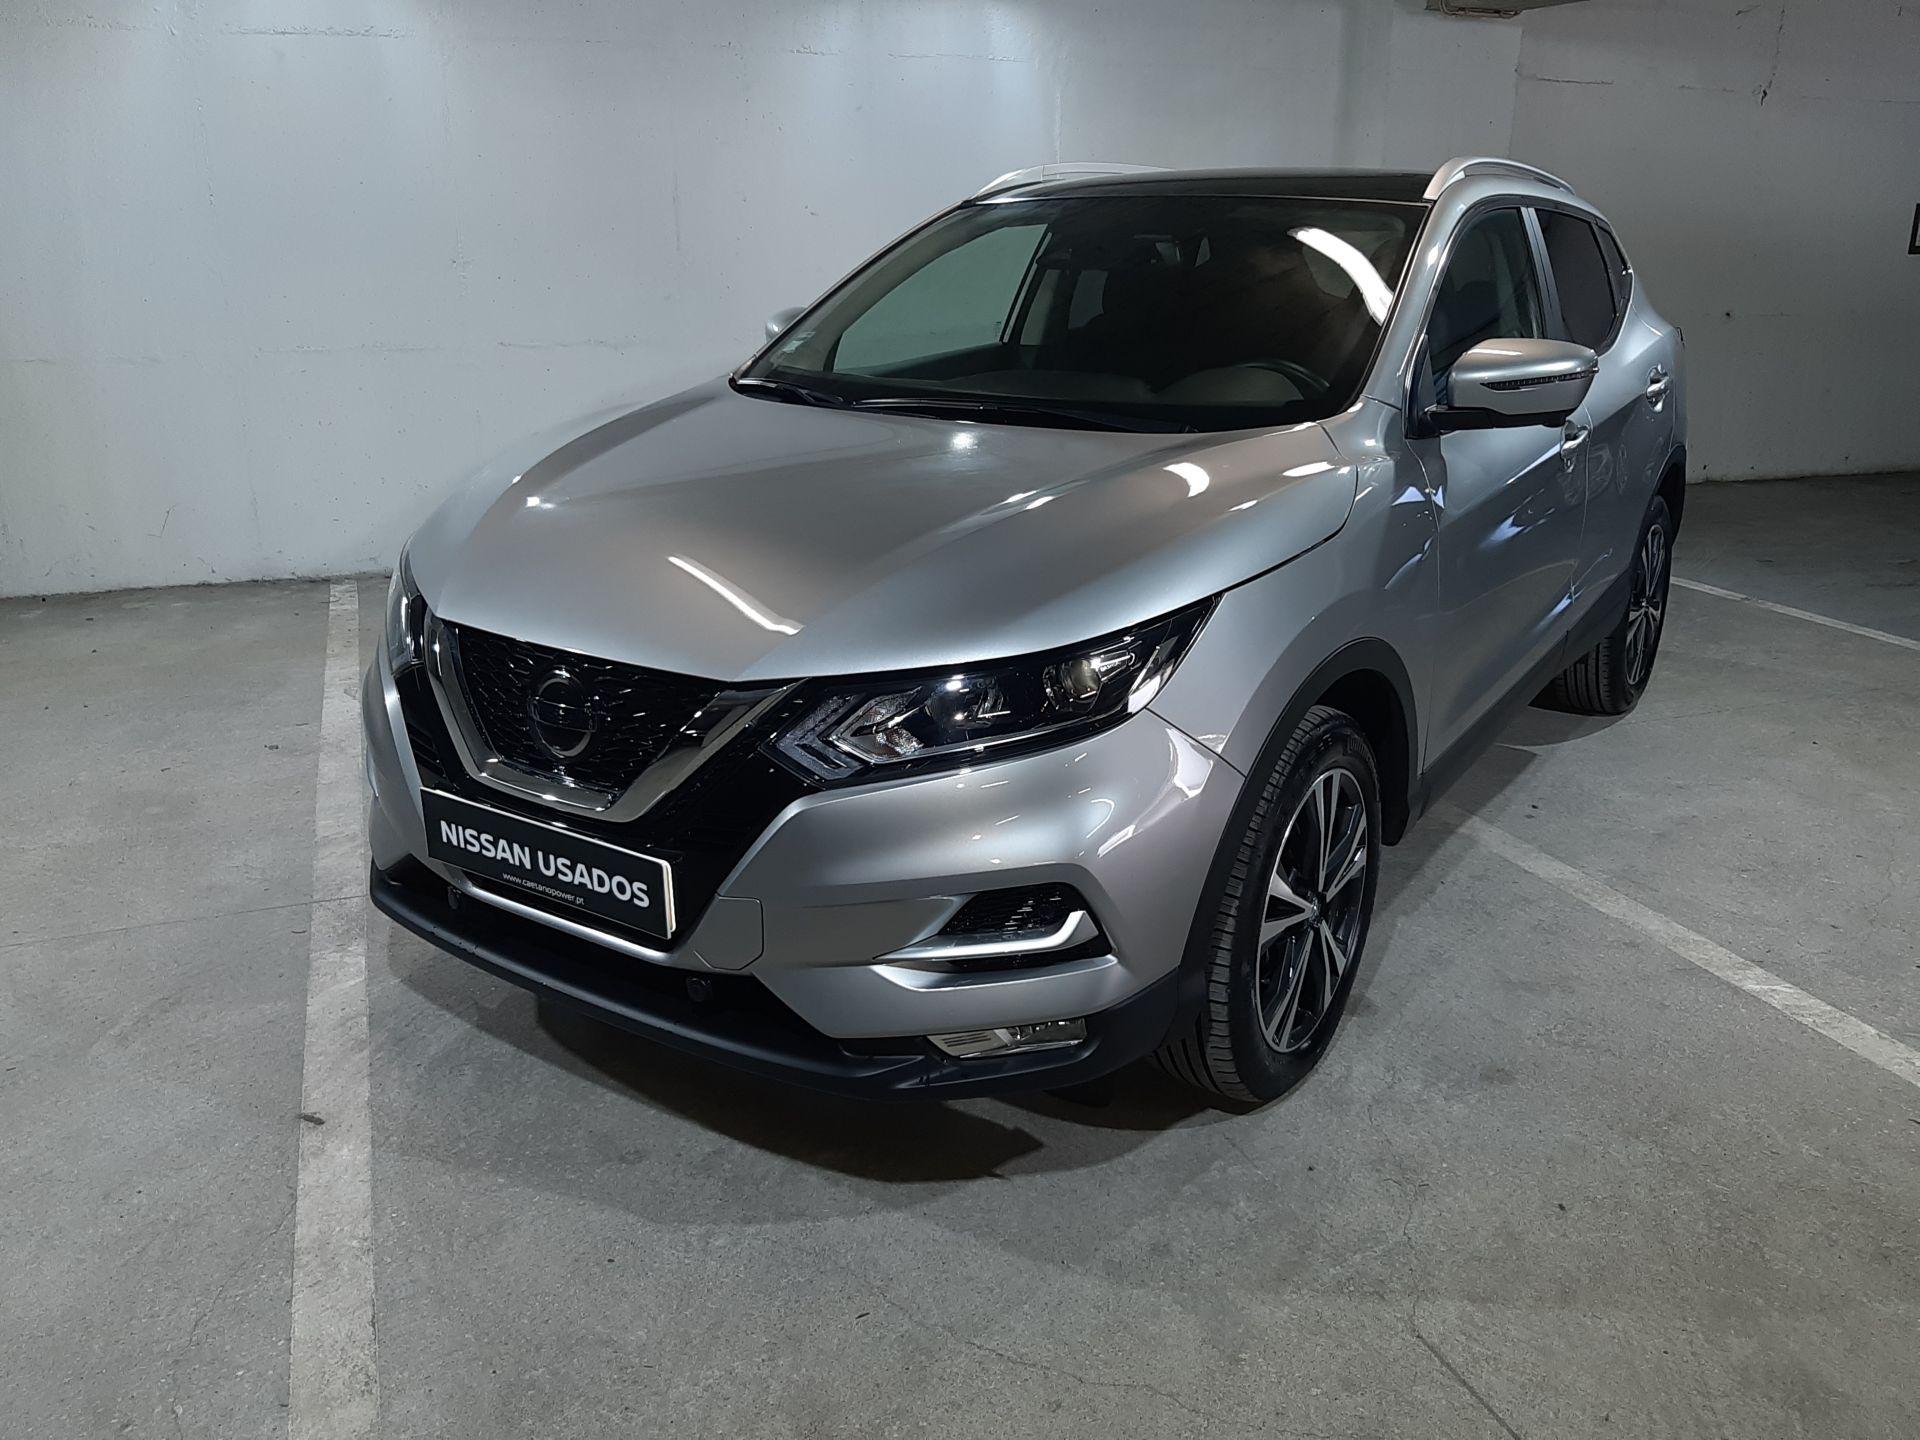 Nissan Qashqai dCi 81 kW (110 CV) E6D N-CONNECTA segunda mão Lisboa